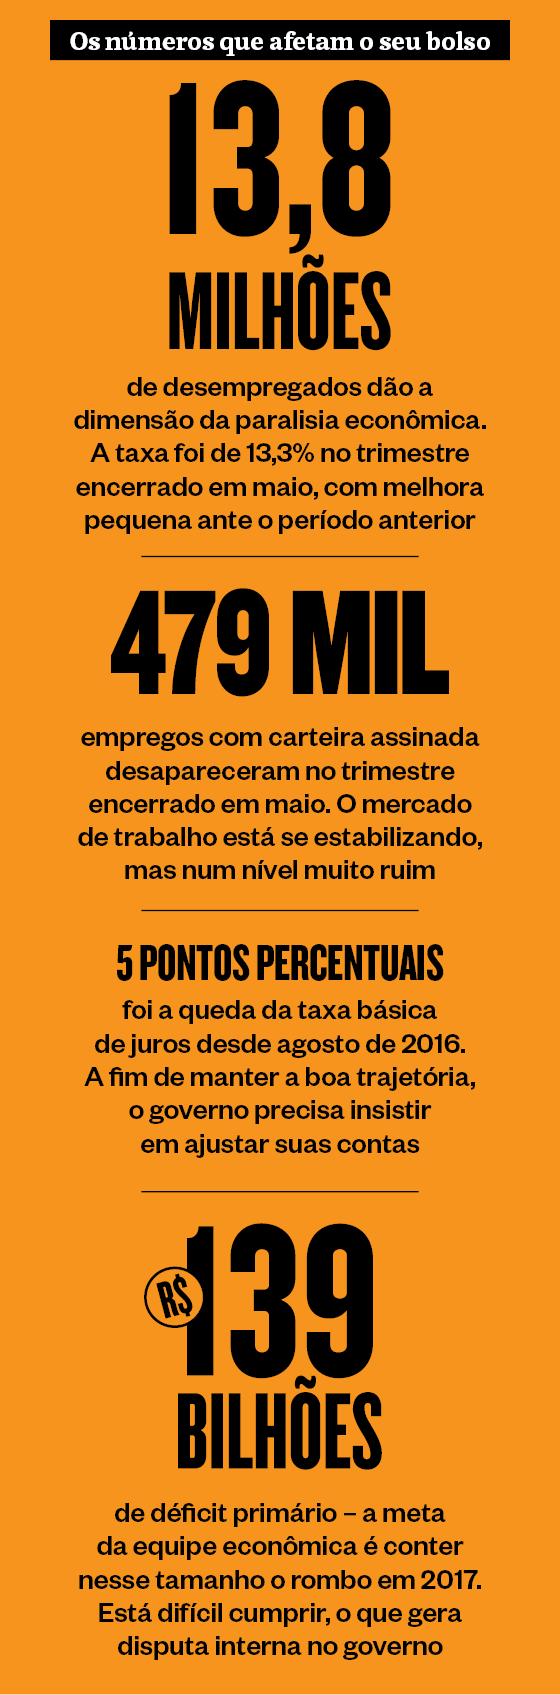 Os números que afetam o seu bolso  (Foto: Época )